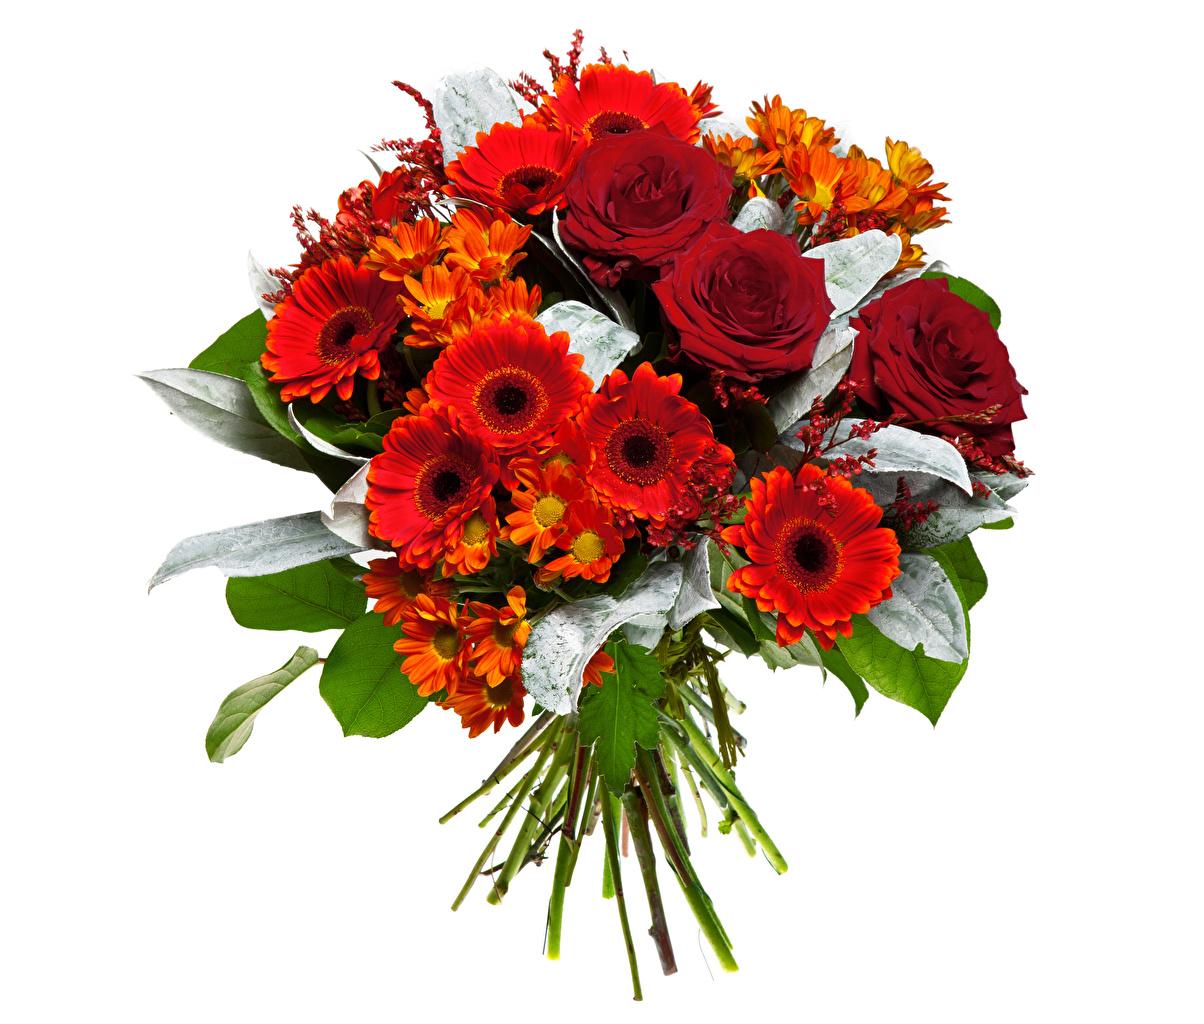 Фотография Букеты Розы гербера красные Цветы Хризантемы белым фоном букет роза Герберы красная Красный красных цветок Белый фон белом фоне